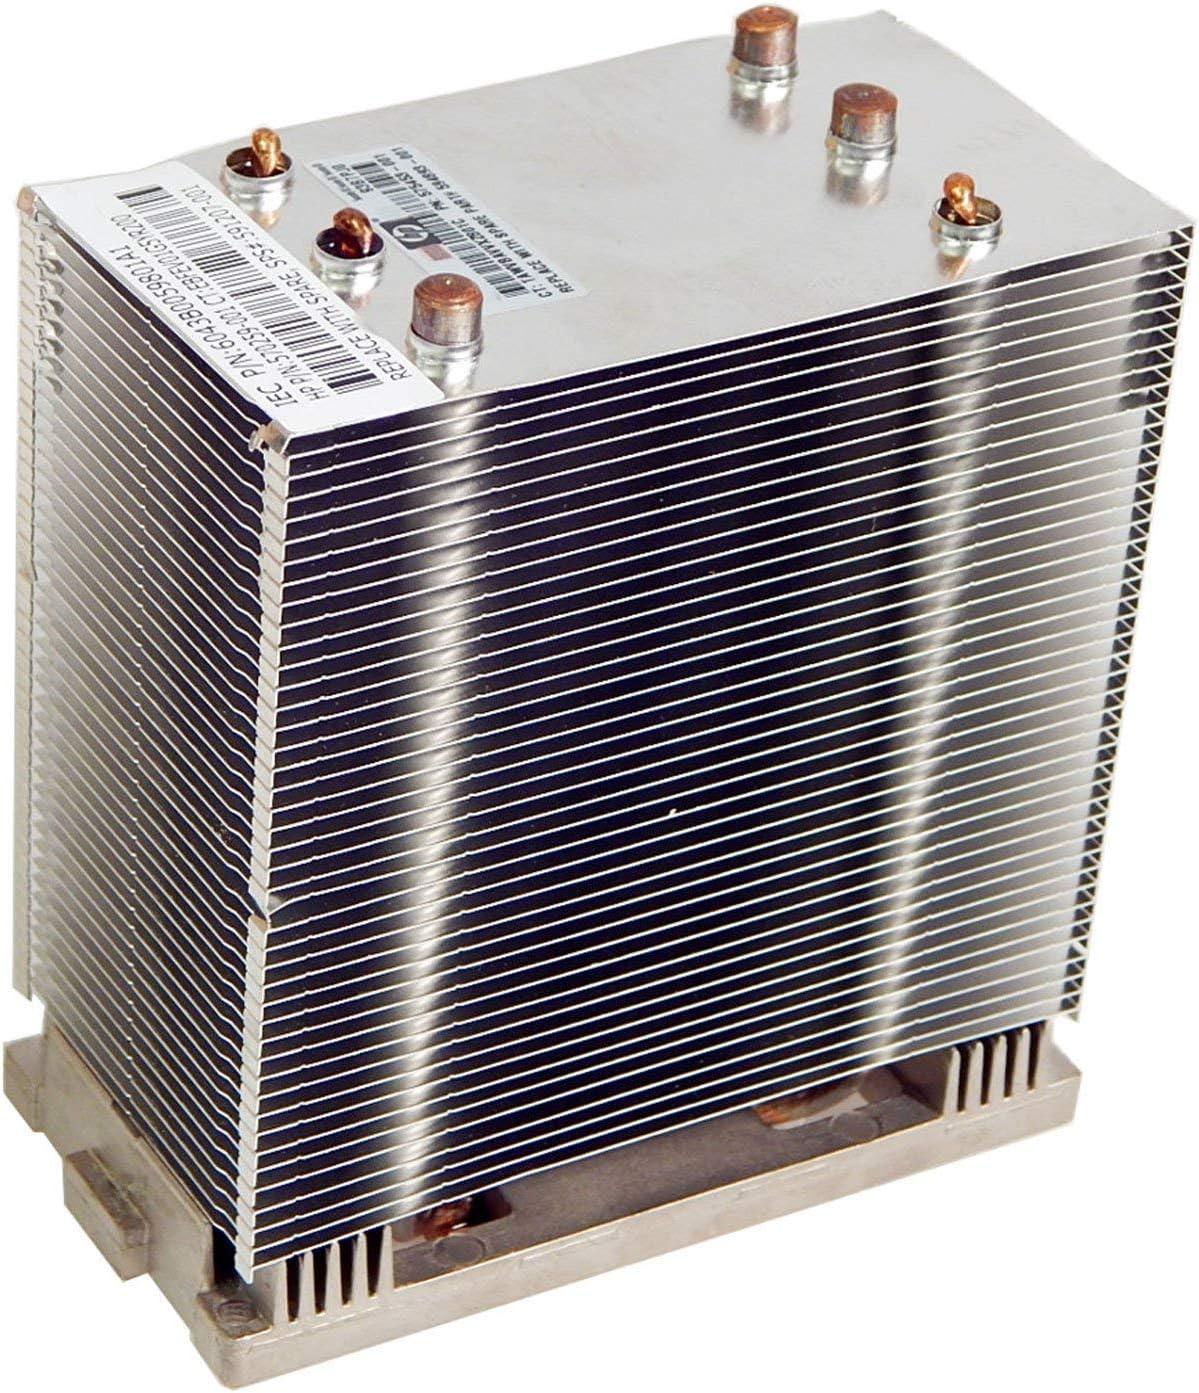 HP DL580 DL980 Gen7 Heatsink 570259-001 591207-001 (Certified Refurbished)